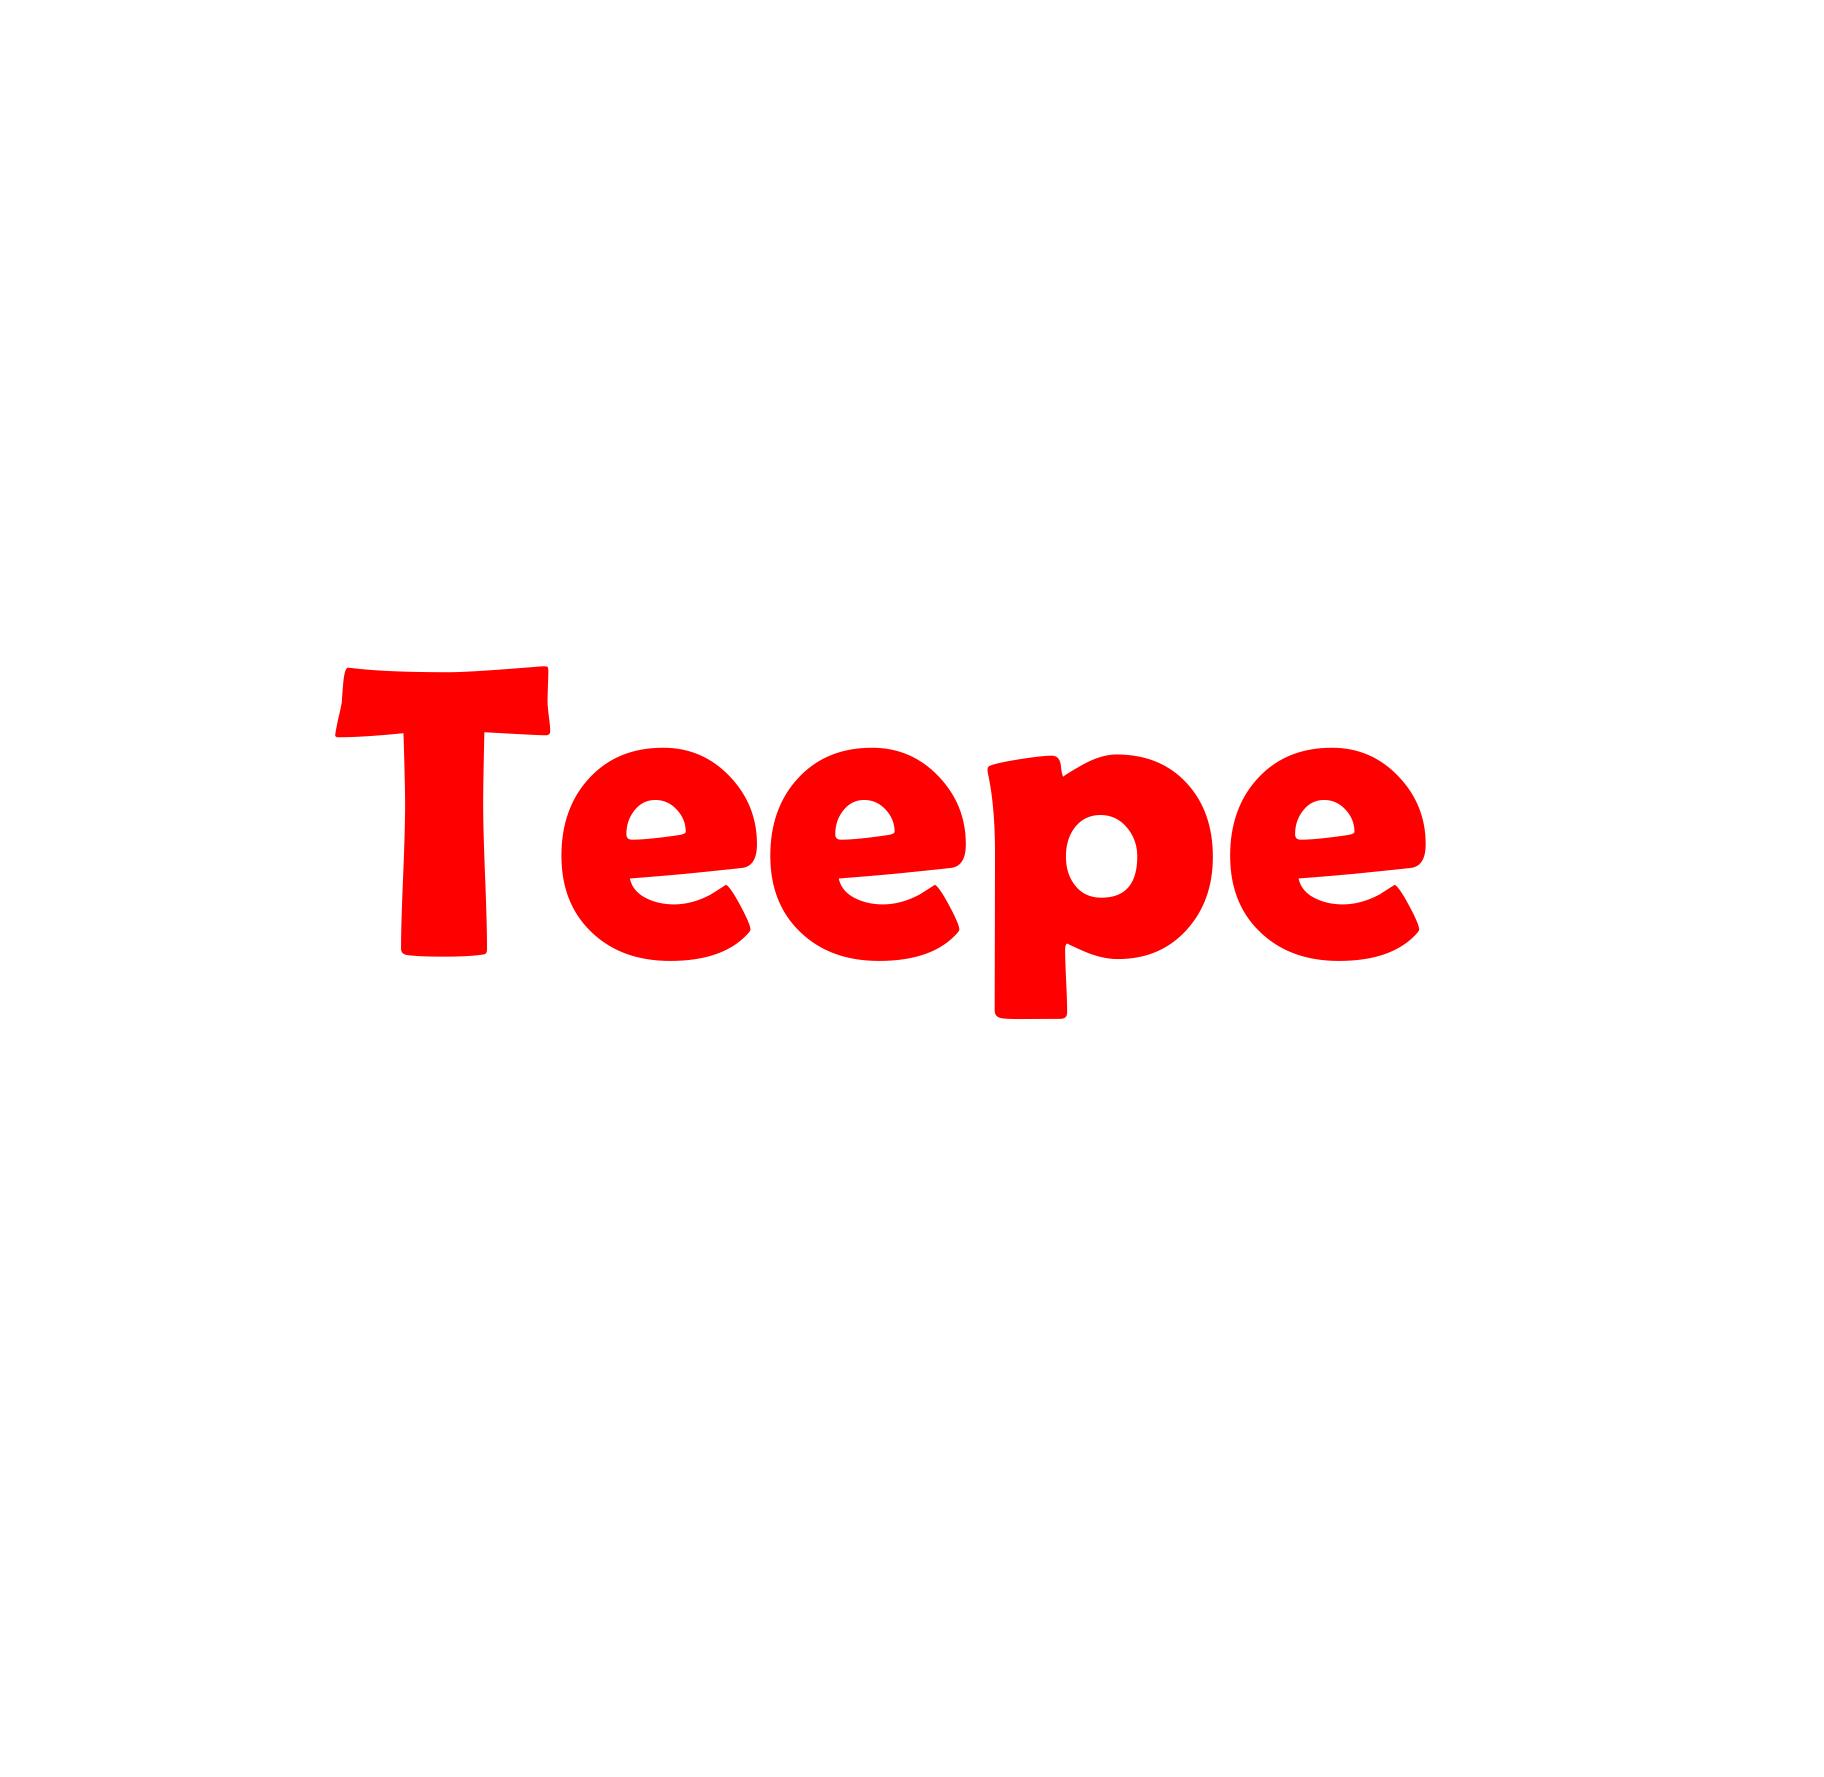 Teepe